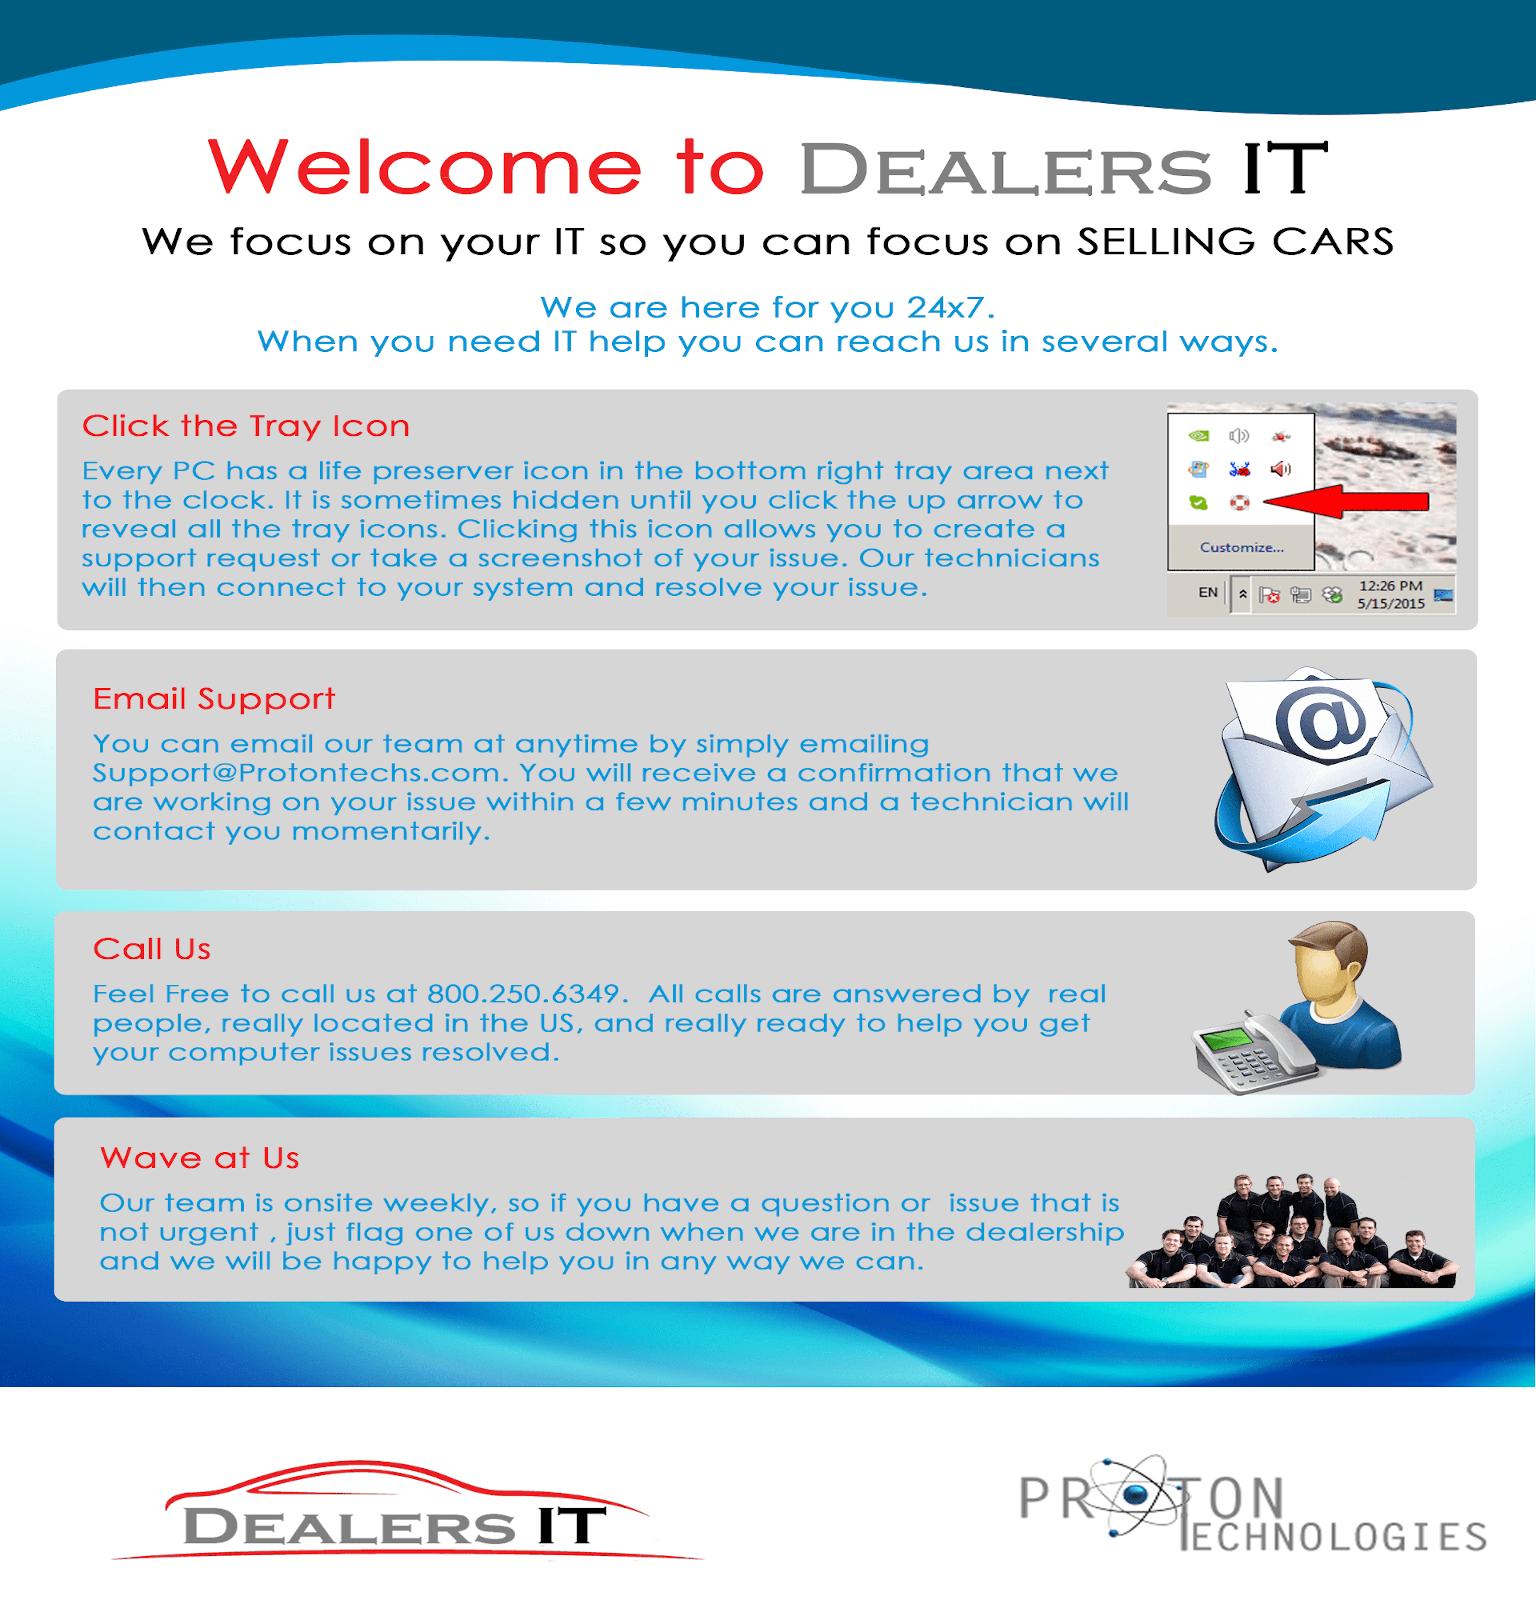 Dealers_IT(re-size)